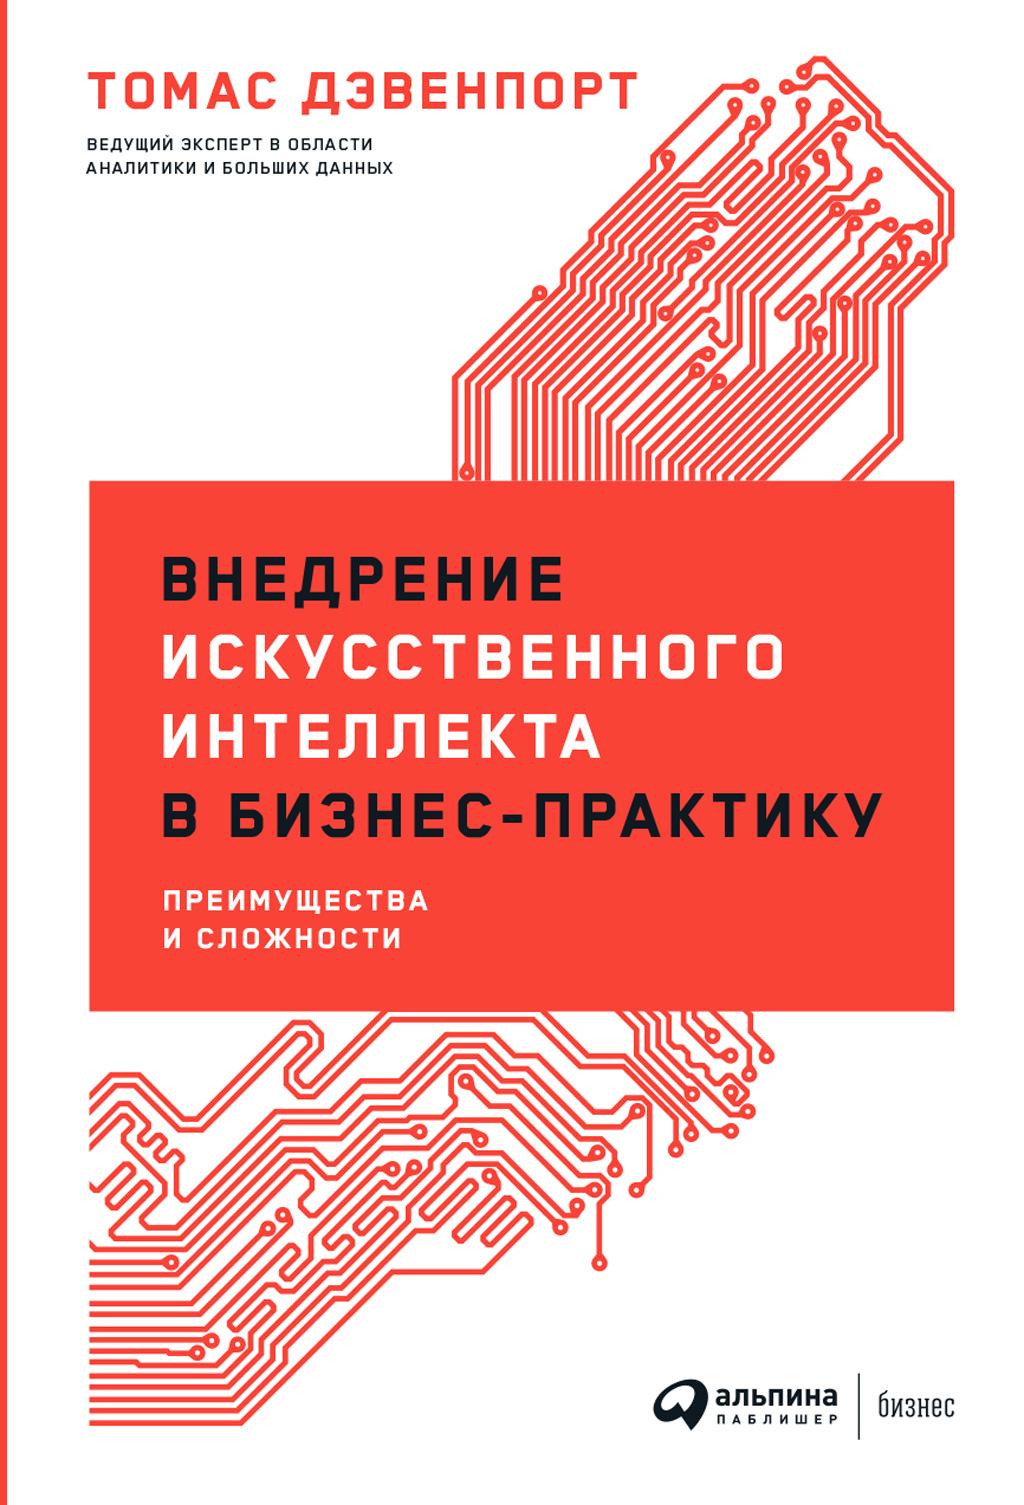 Купить книгу Внедрение искусственного интеллекта в бизнес-практику. Преимущества и сложности, автора Томаса Дэвенпорта